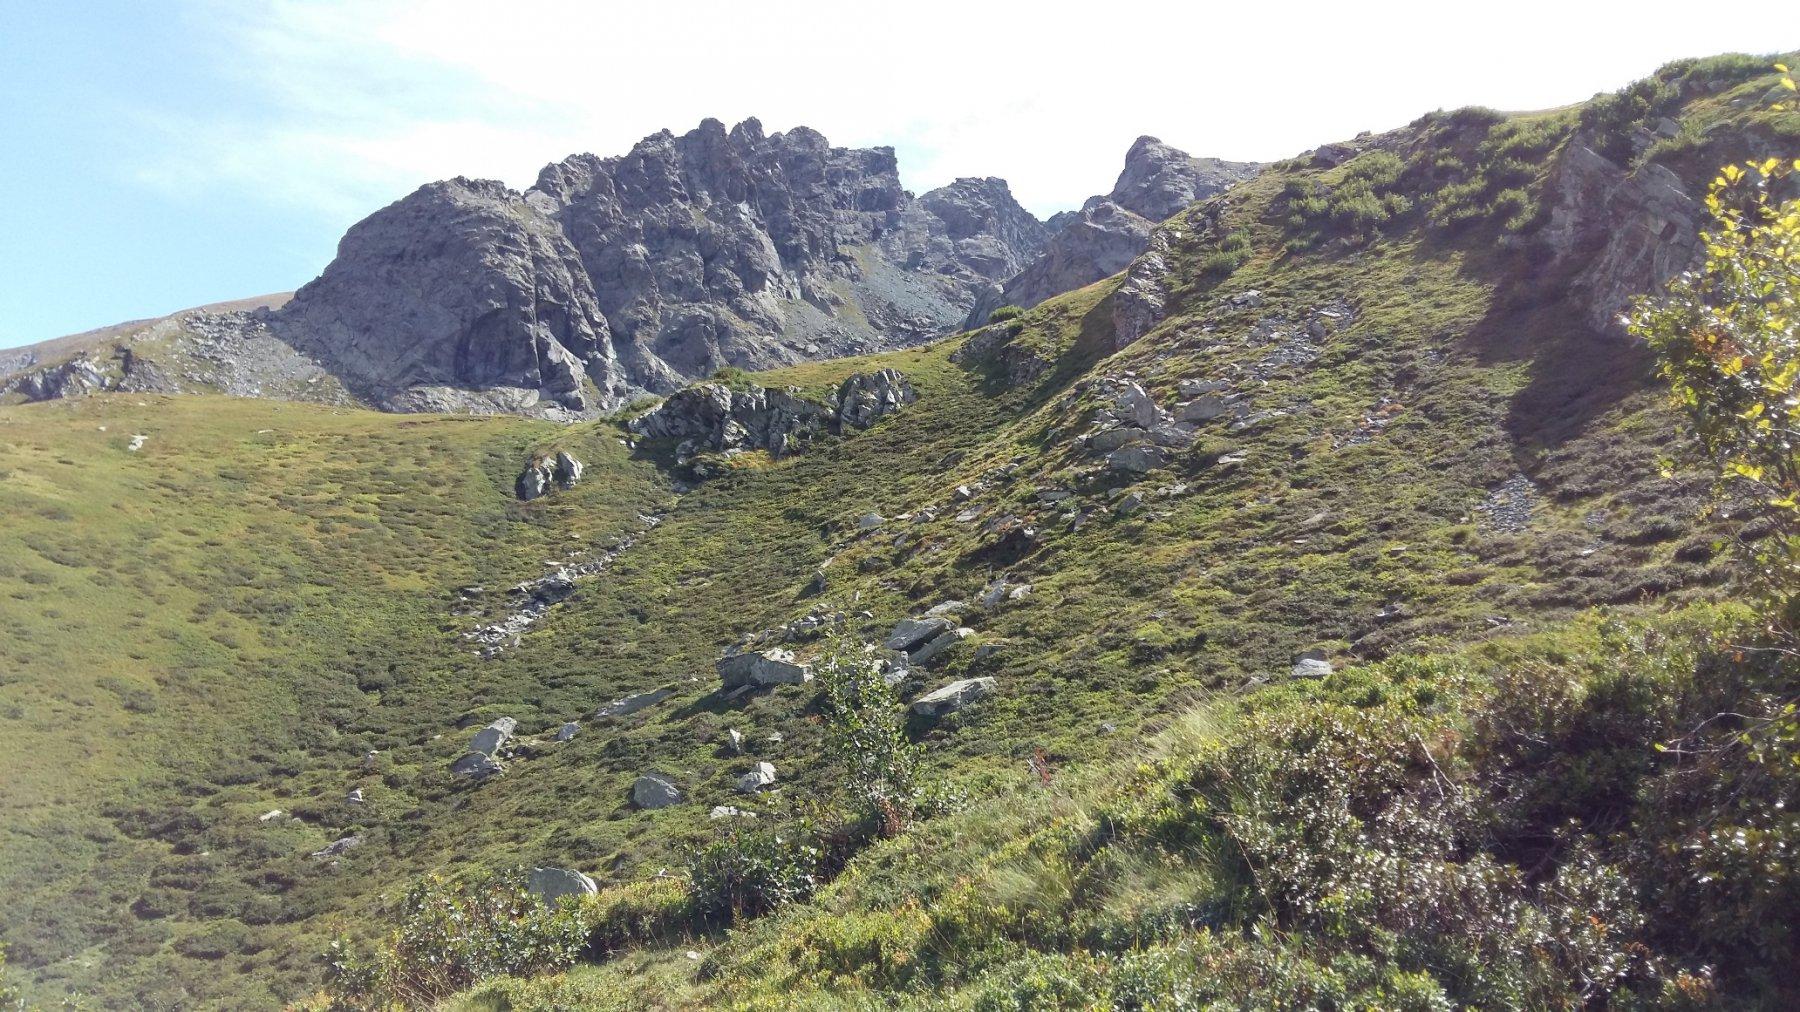 parete iniziale e cresta in avvicinamento.